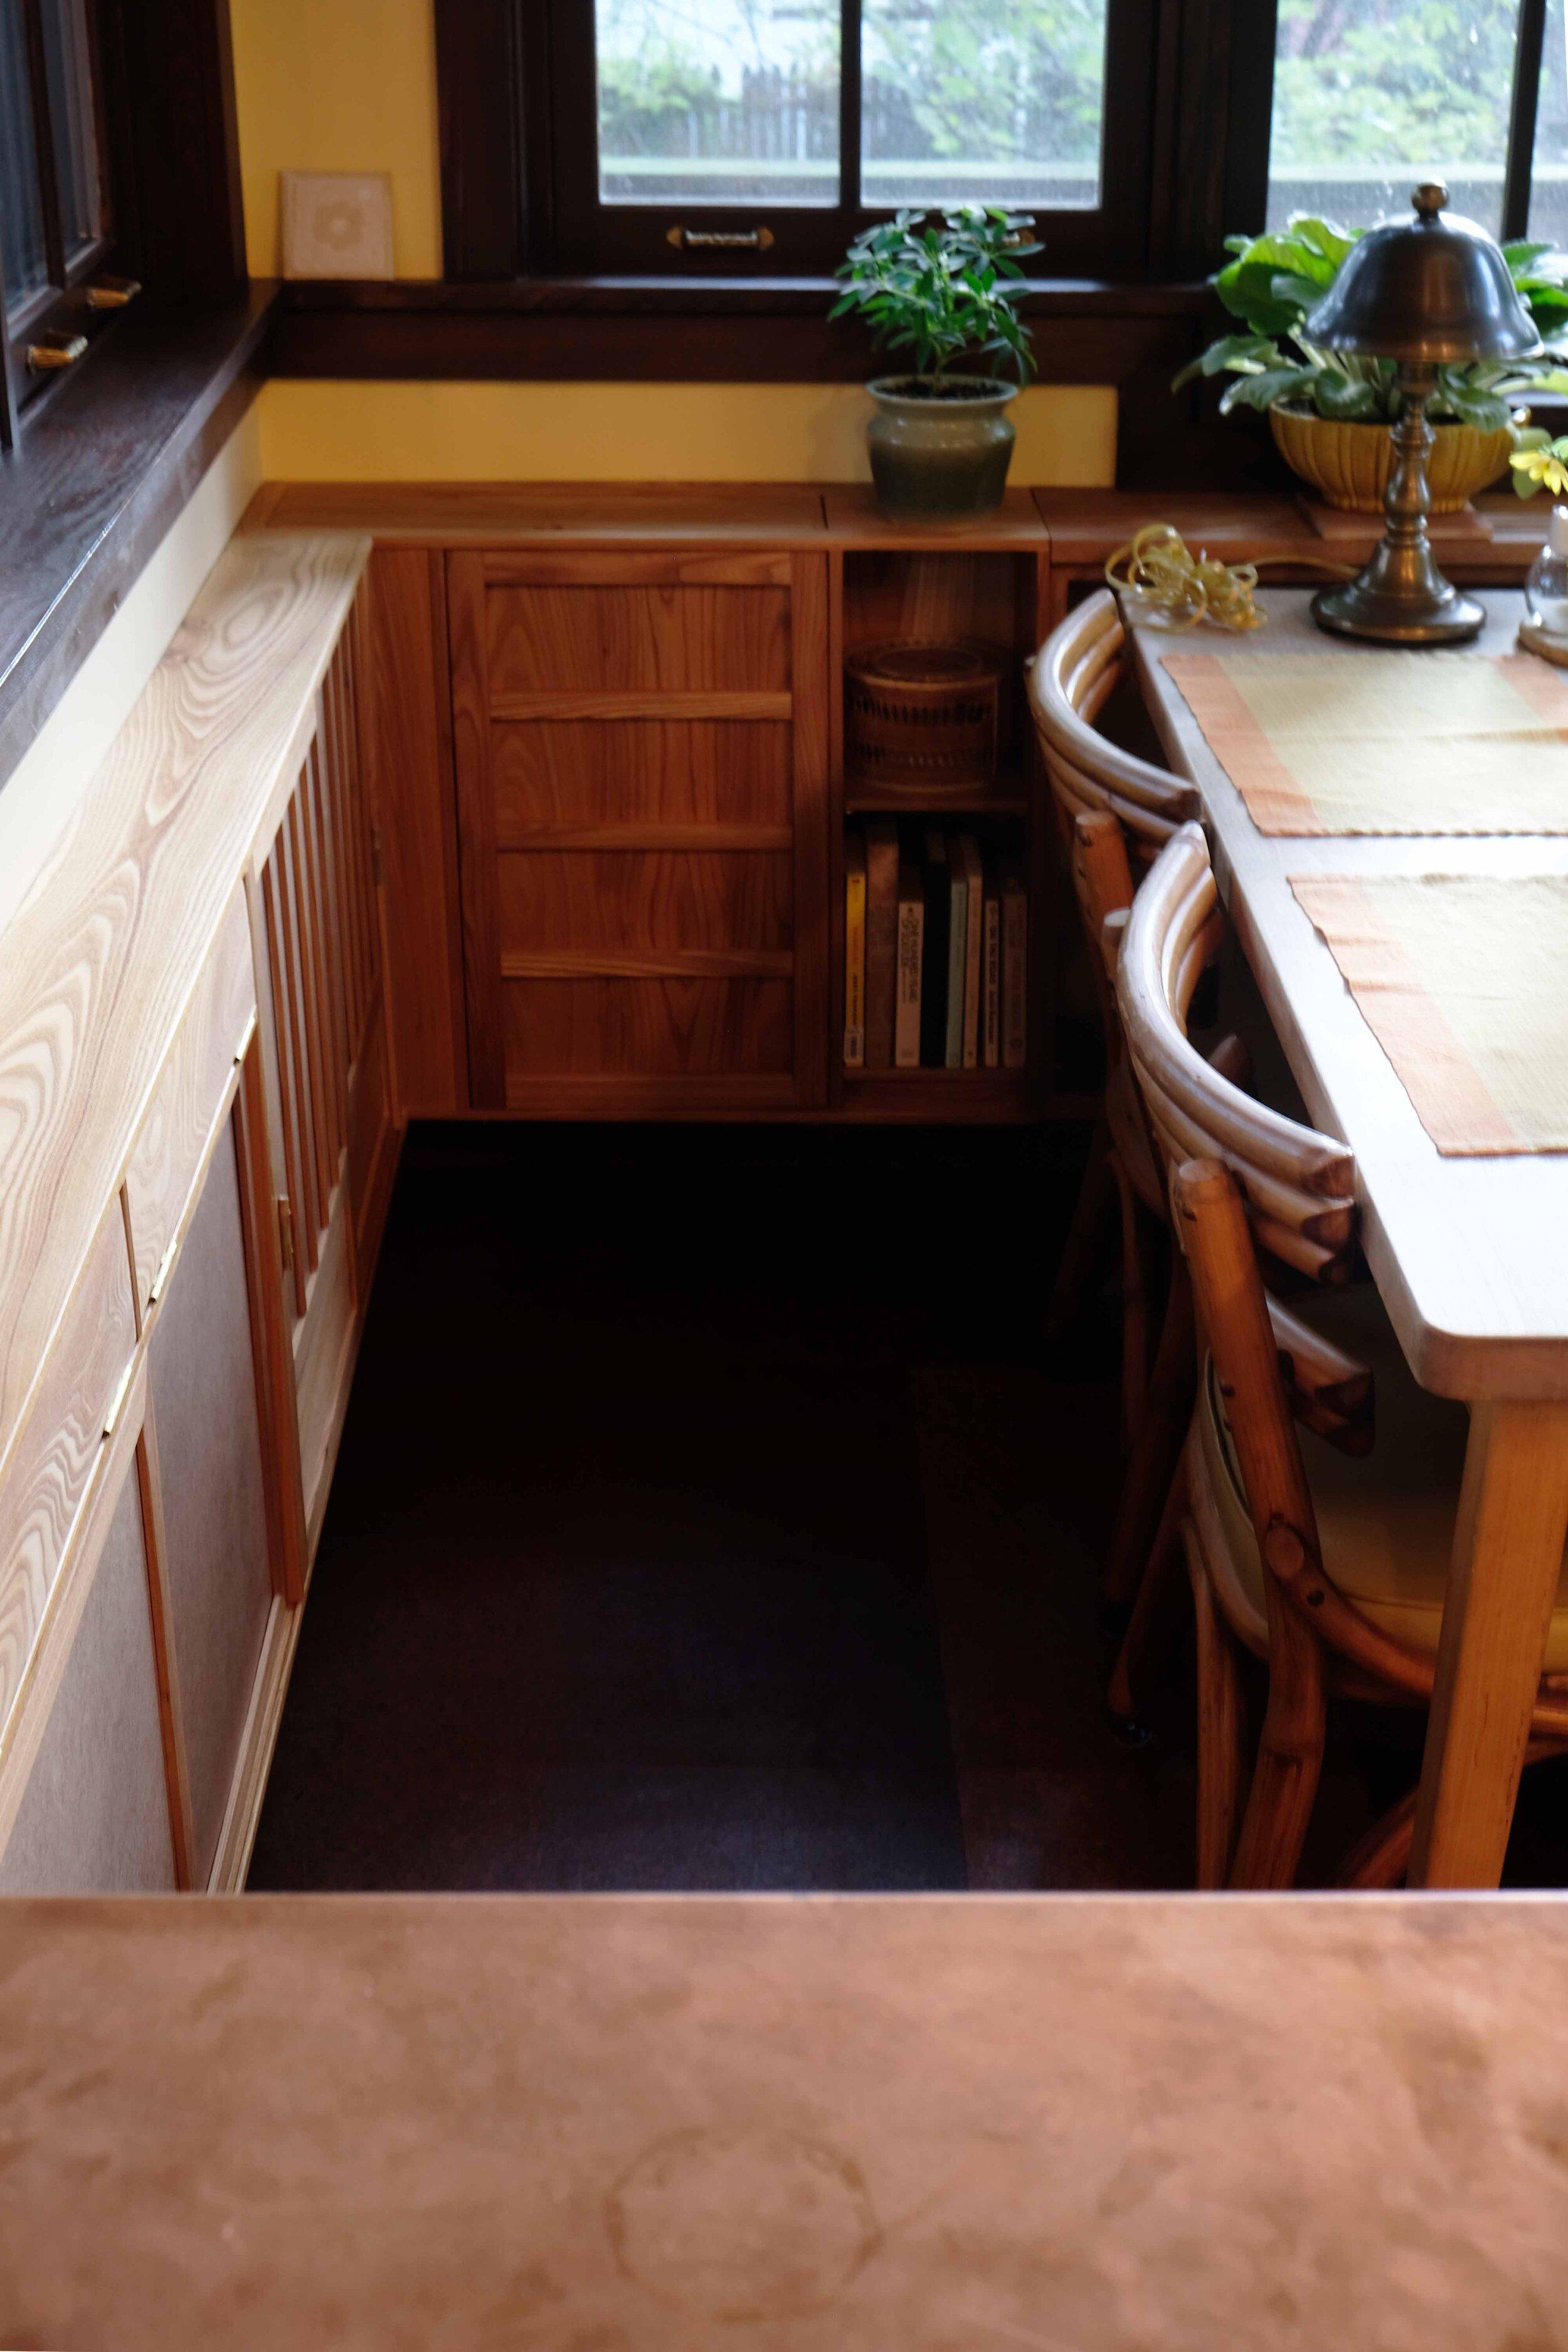 Kitchen 2019-09 0030.jpg